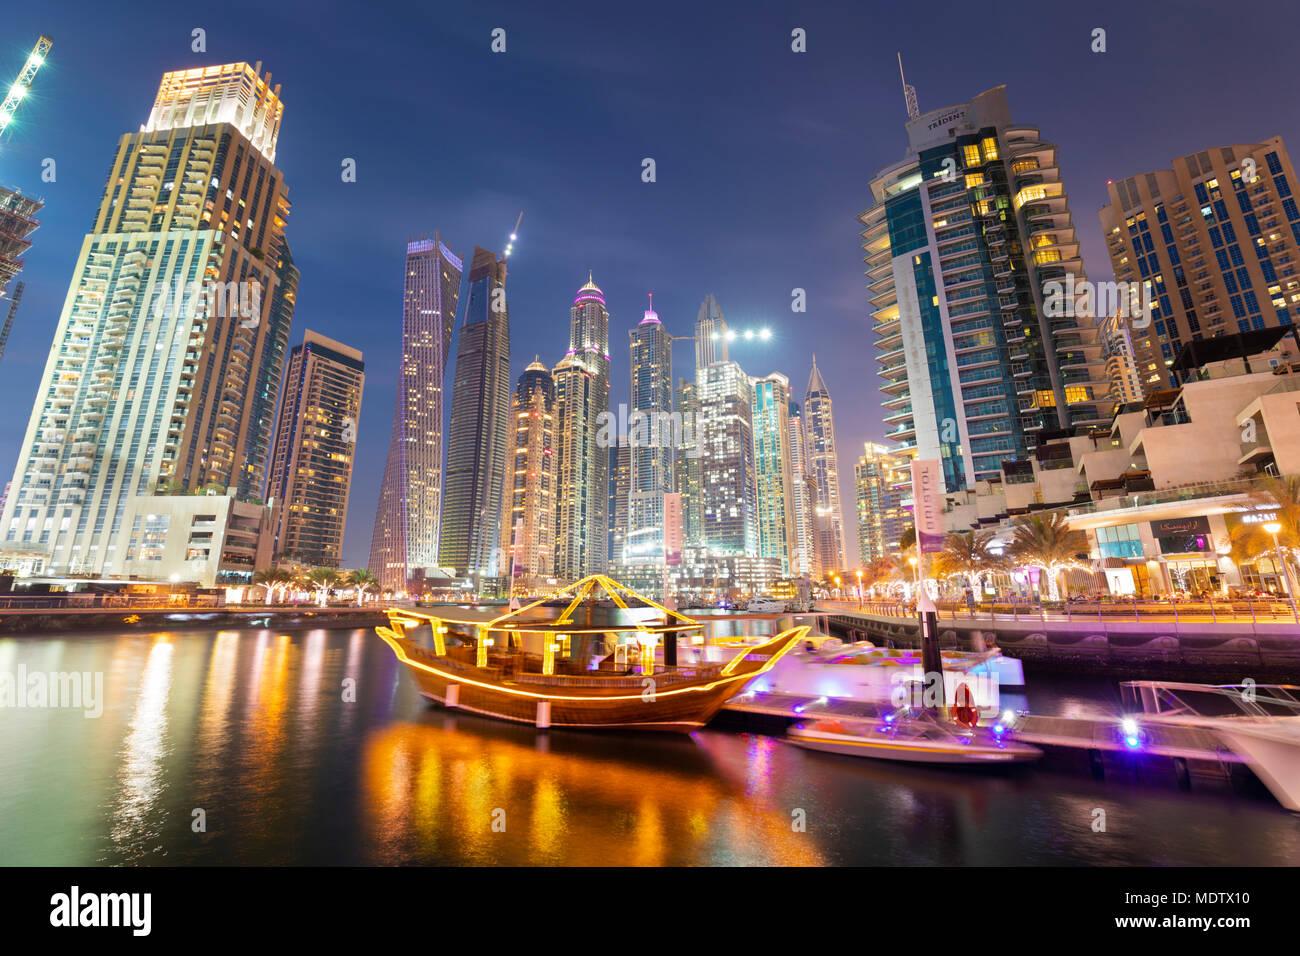 Architettura moderna con un giro turistico a bordo di un giunco sotto le torri illuminata di notte in Dubai Marina, Dubai, Emirati Arabi Uniti, Medio Oriente Immagini Stock